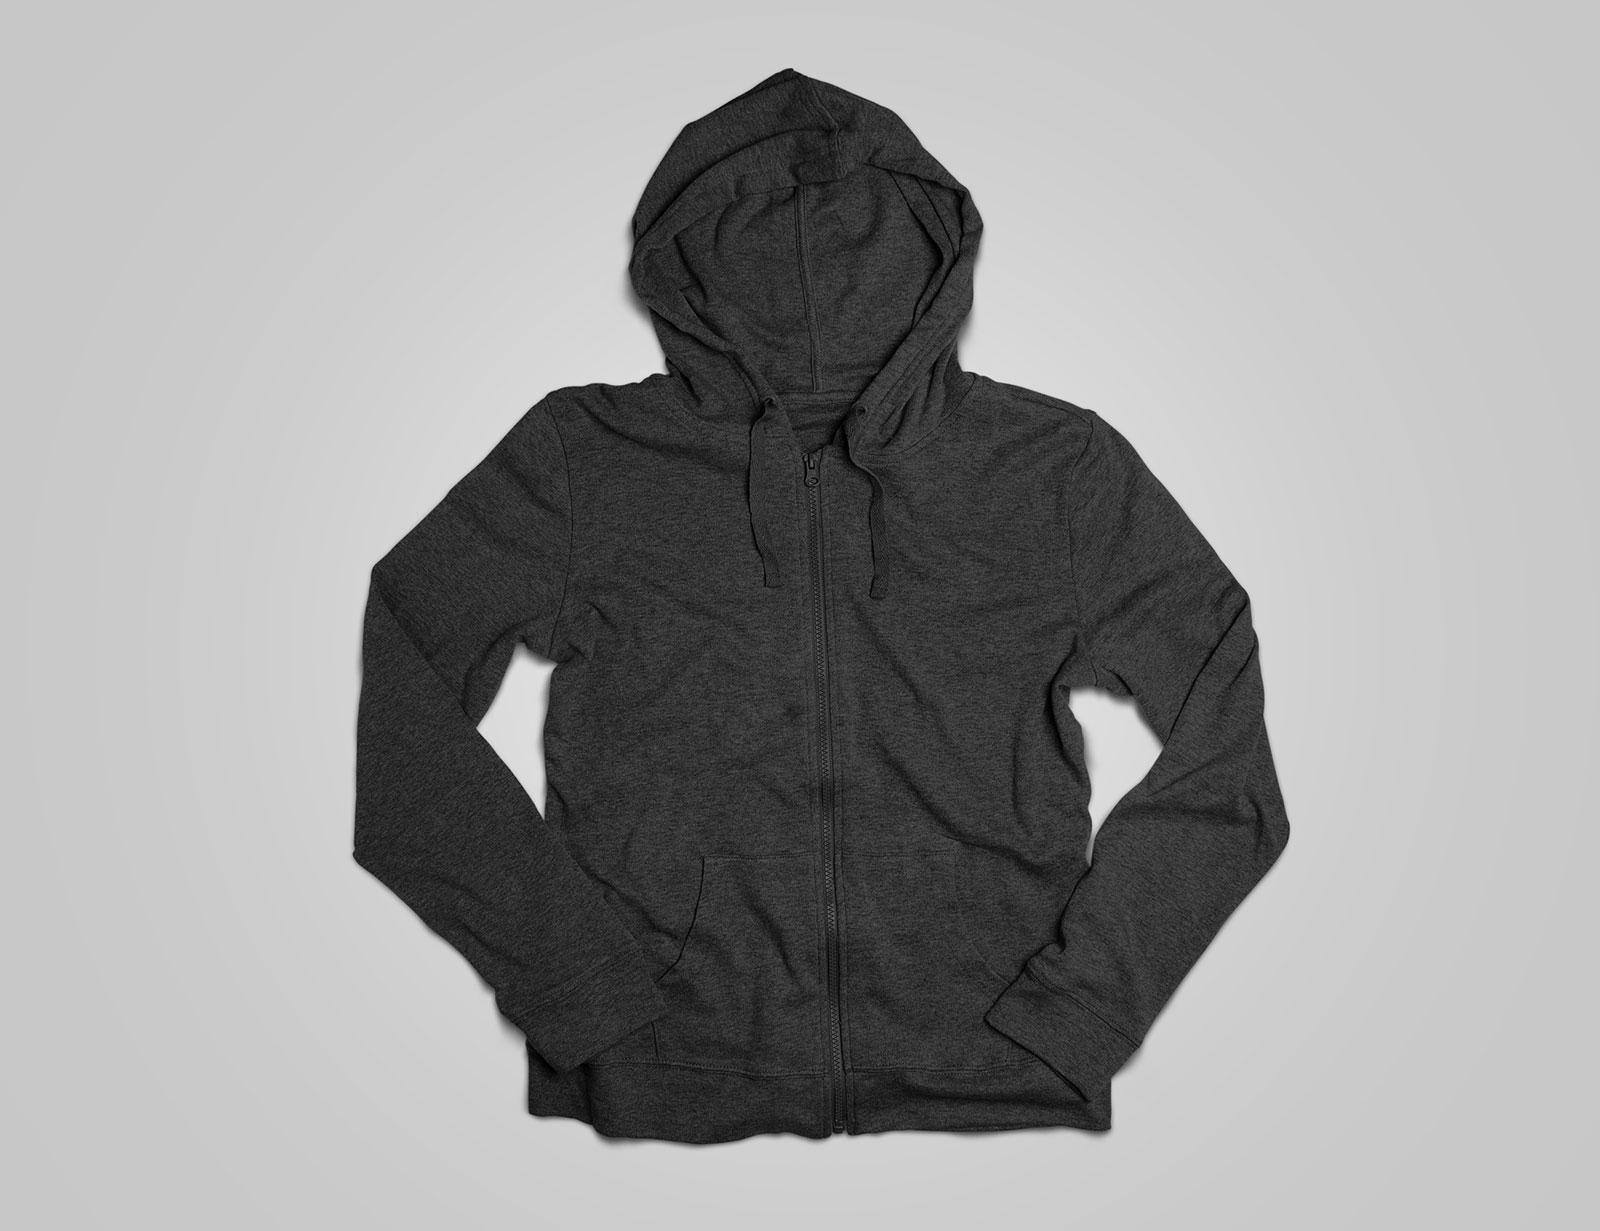 free full sleeves hoodie t-shirt mockup psd file